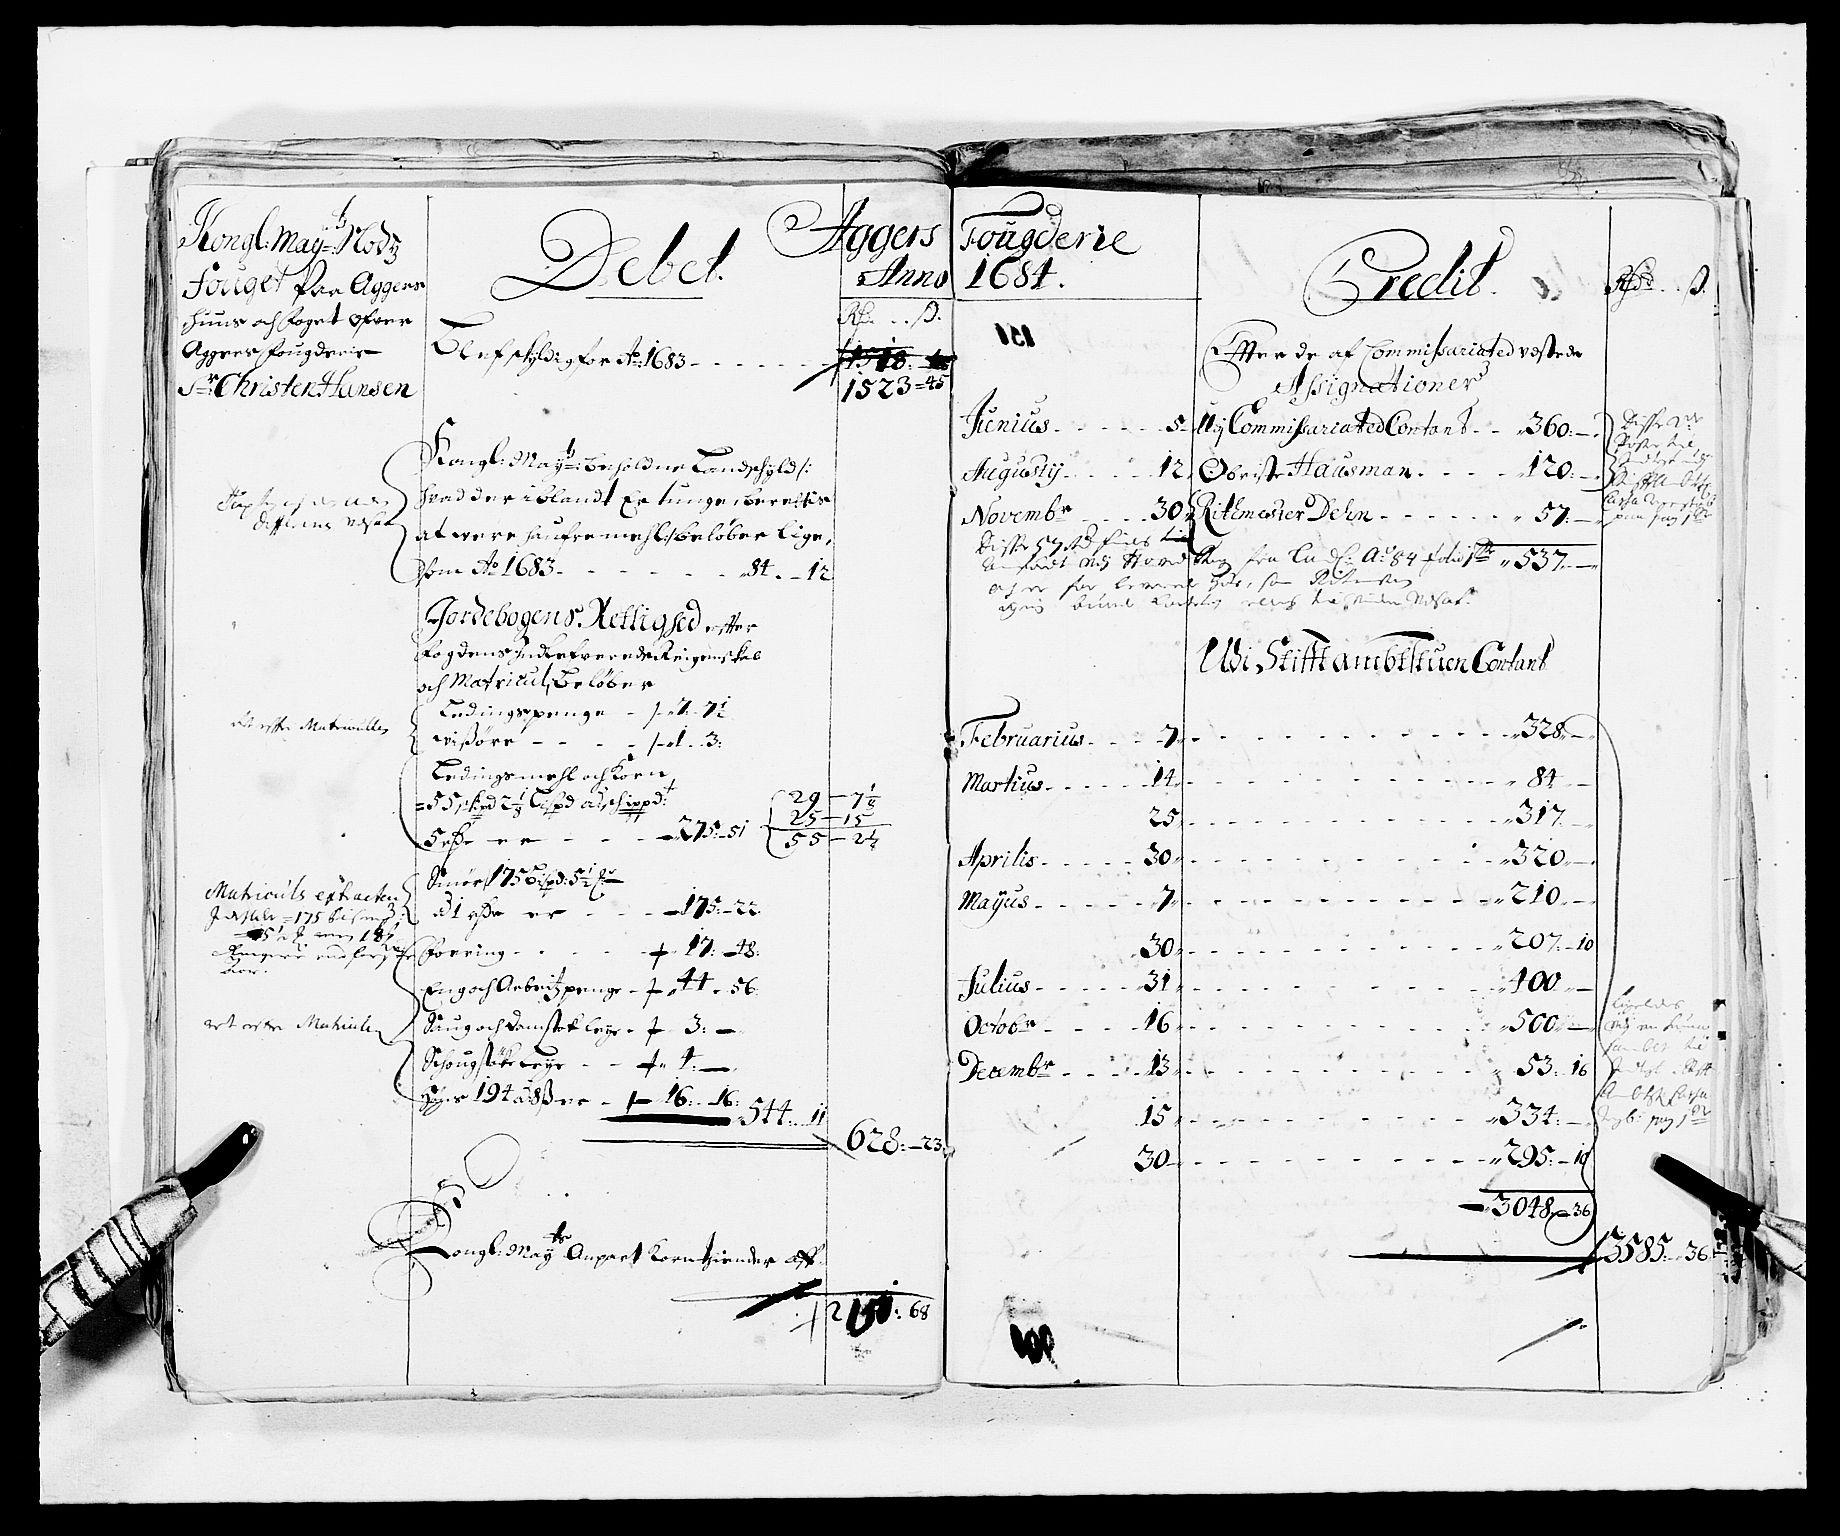 RA, Rentekammeret inntil 1814, Reviderte regnskaper, Fogderegnskap, R08/L0420: Fogderegnskap Aker, 1682-1691, s. 31